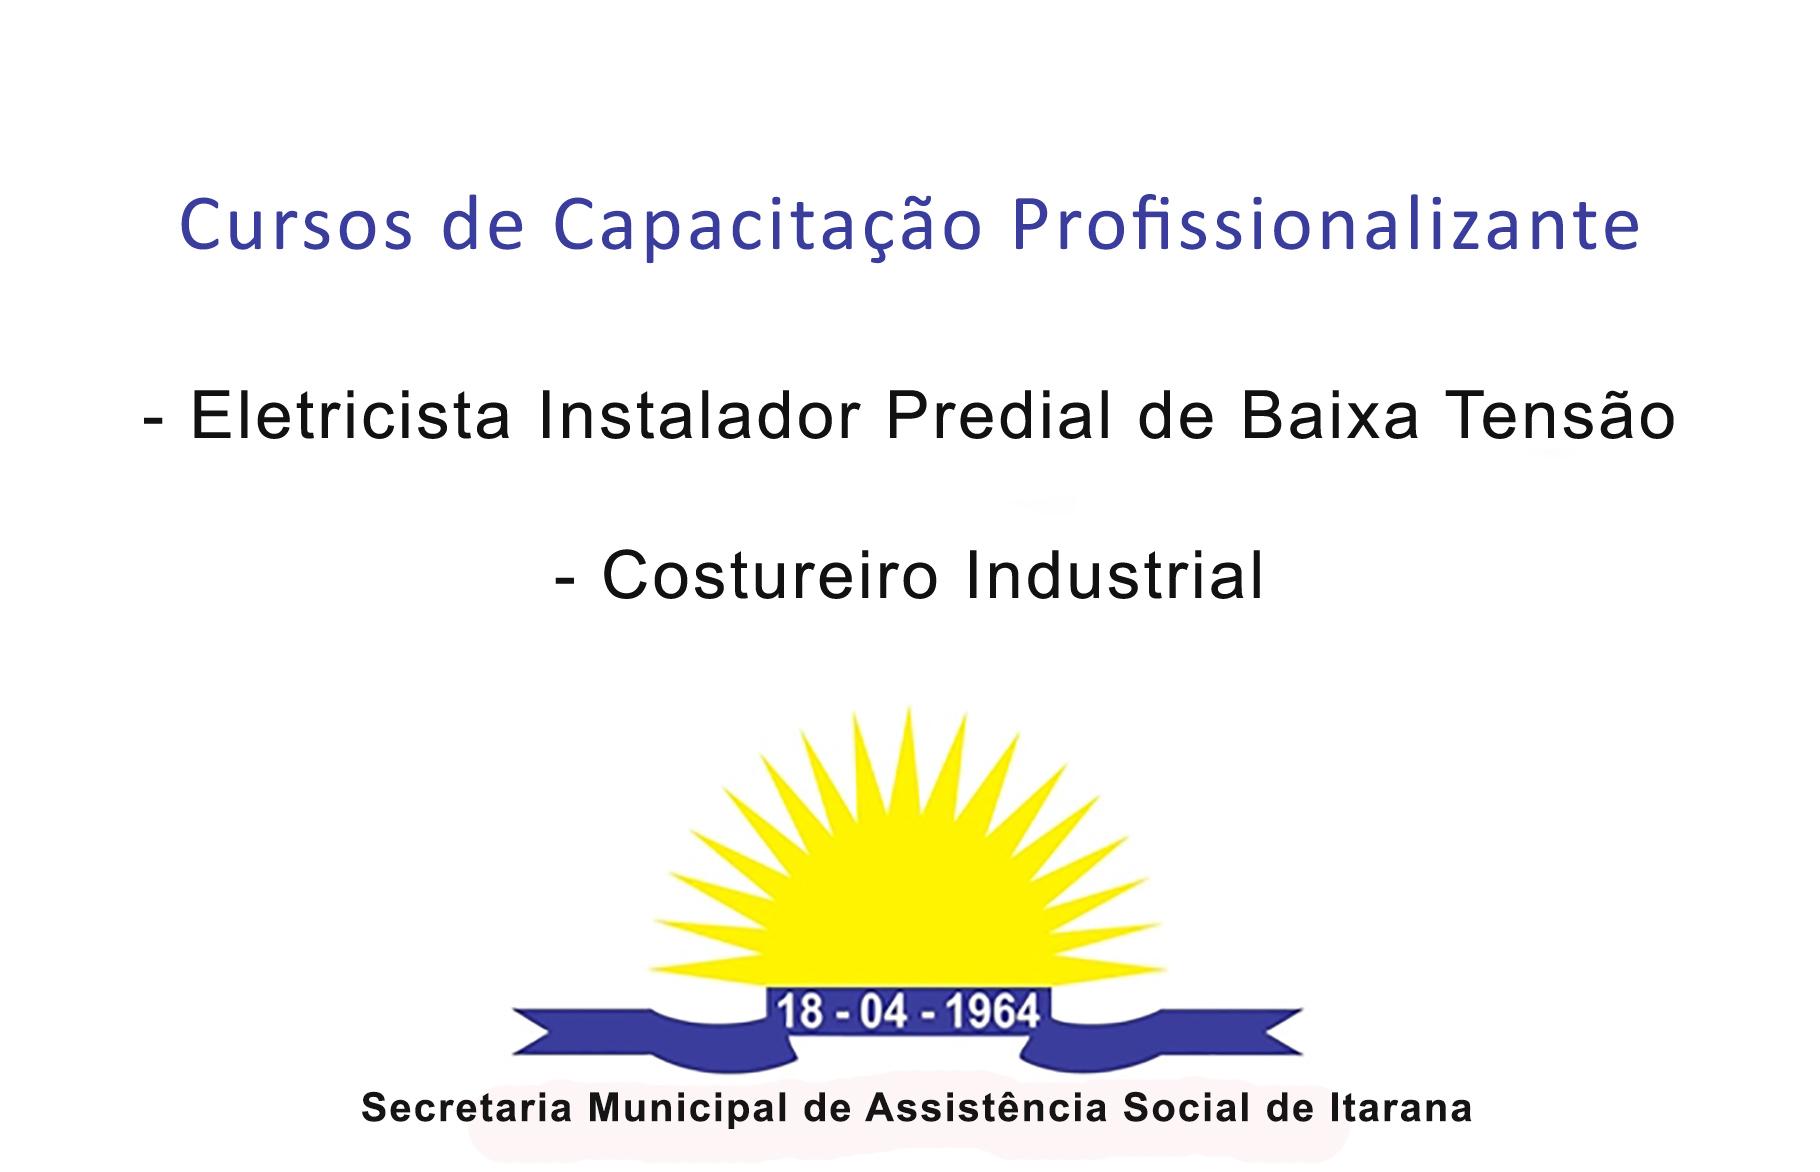 Abertas inscrições para cursos de Eletricista Instalador Predial e Costureiro Industrial